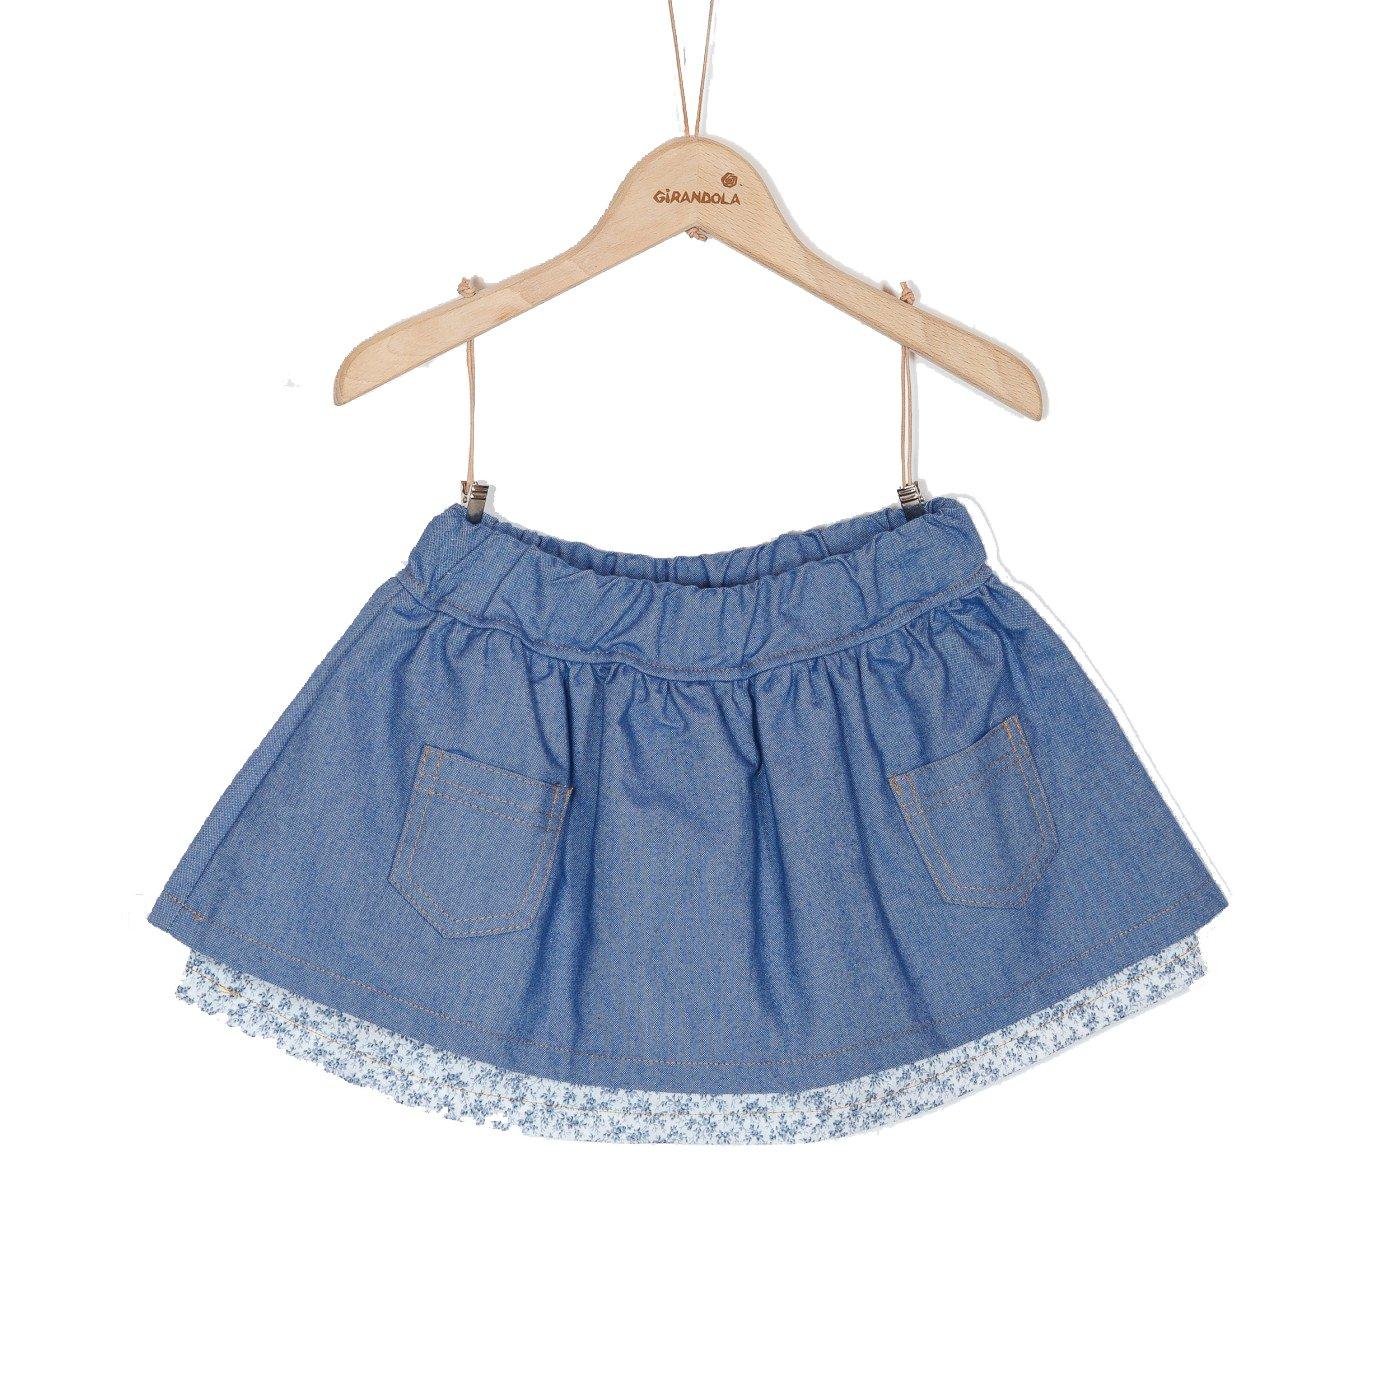 Girandola School Days Skirt